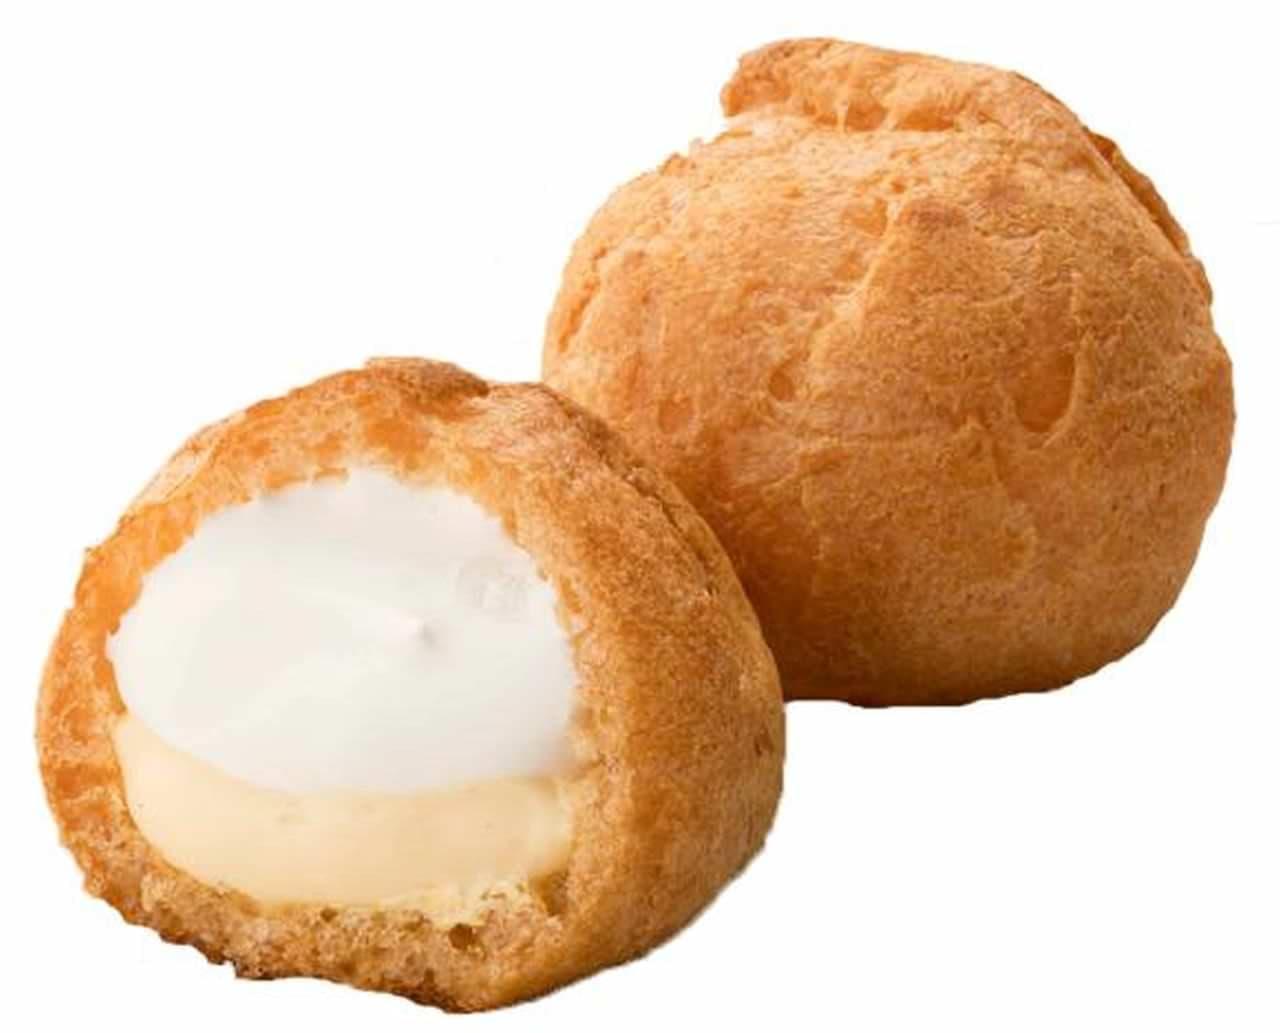 シャトレーゼ「糖質50%カットのダブルシュークリーム」